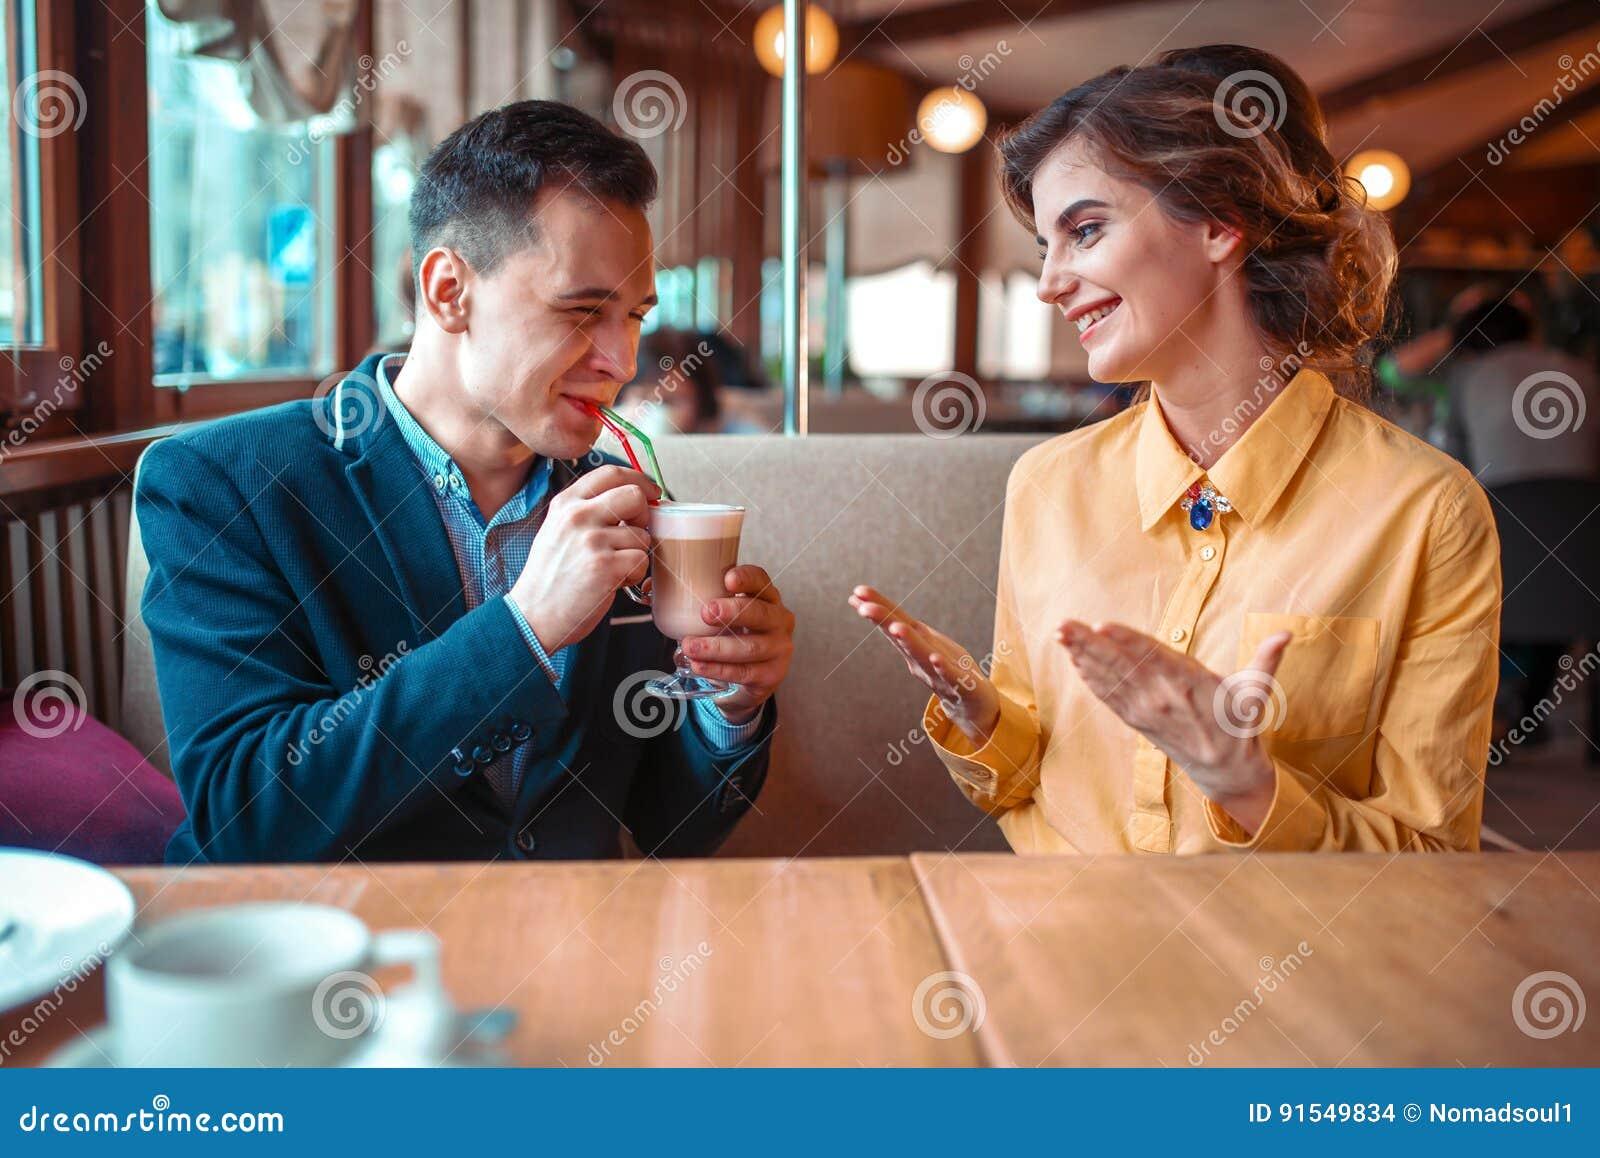 O homem bebe um cocktail da palha contra a mulher